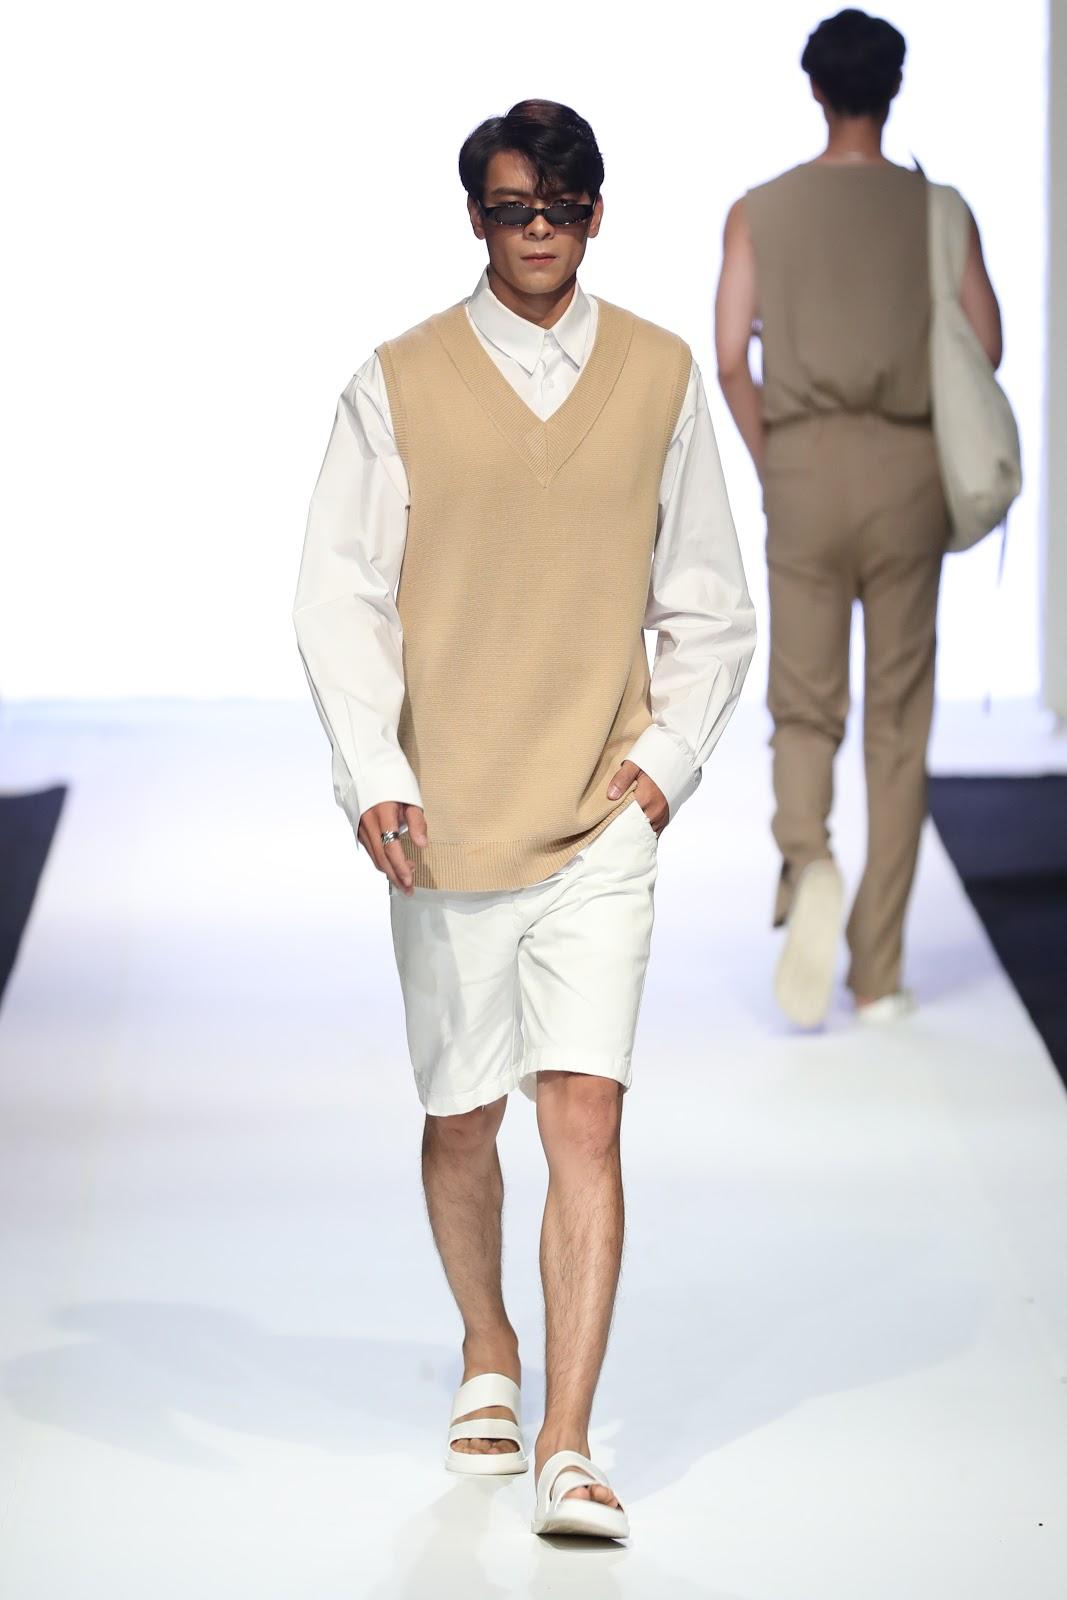 Sau ồn ào với Trương Thế Vinh, Maschio chọn Jay Quân làm vedette cho show diễn mở màn Vietnam Runway Fashion Week - Hình 9